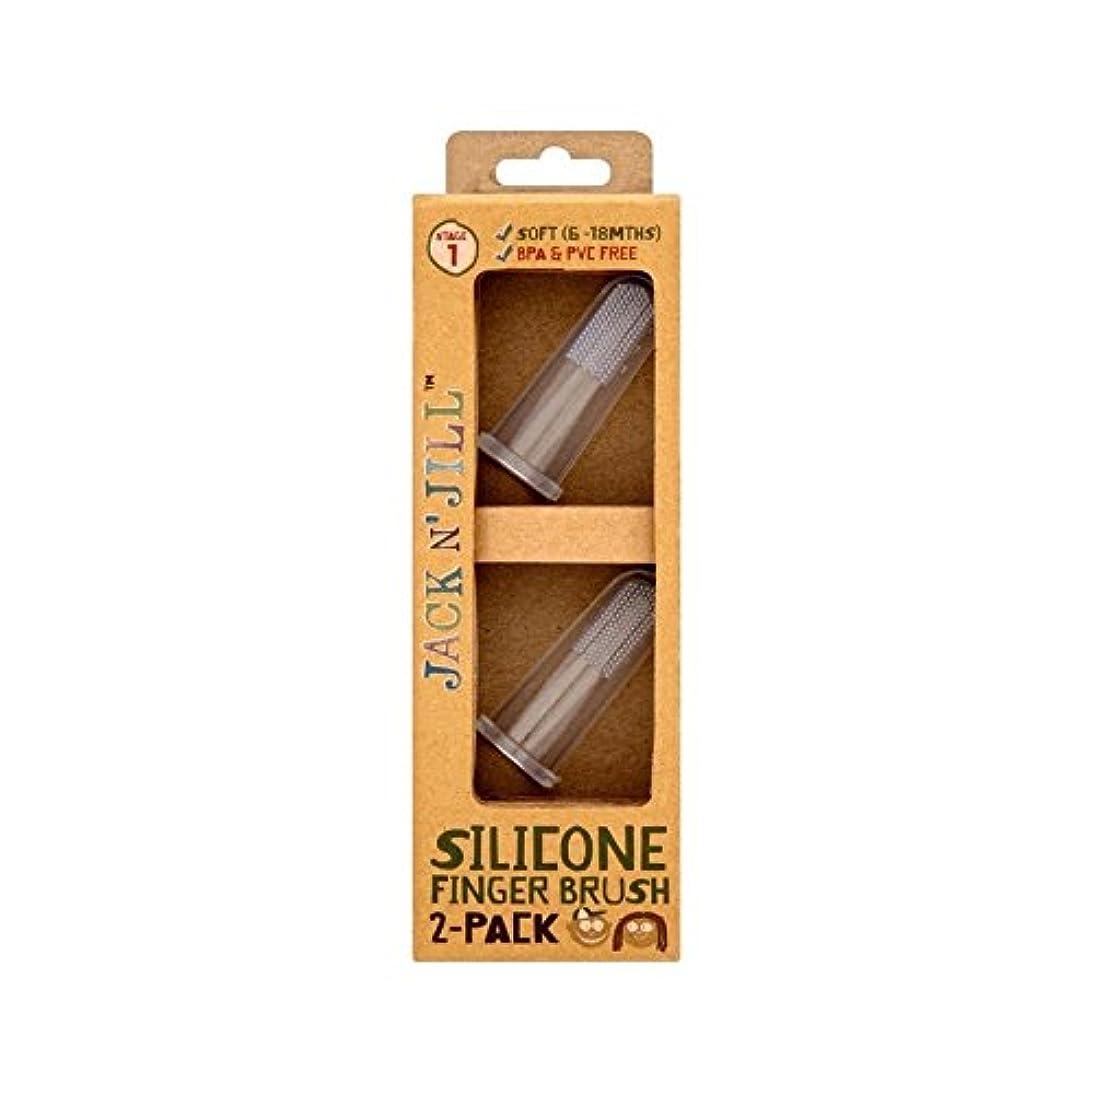 カウボーイ養う八百屋さんシリコーン指ブラシ2パックあたりパック2 (Jack N Jill) (x 4) - Jack N' Jill Silicone Finger Brush 2 Pack 2 per pack (Pack of 4) [並行輸入品]